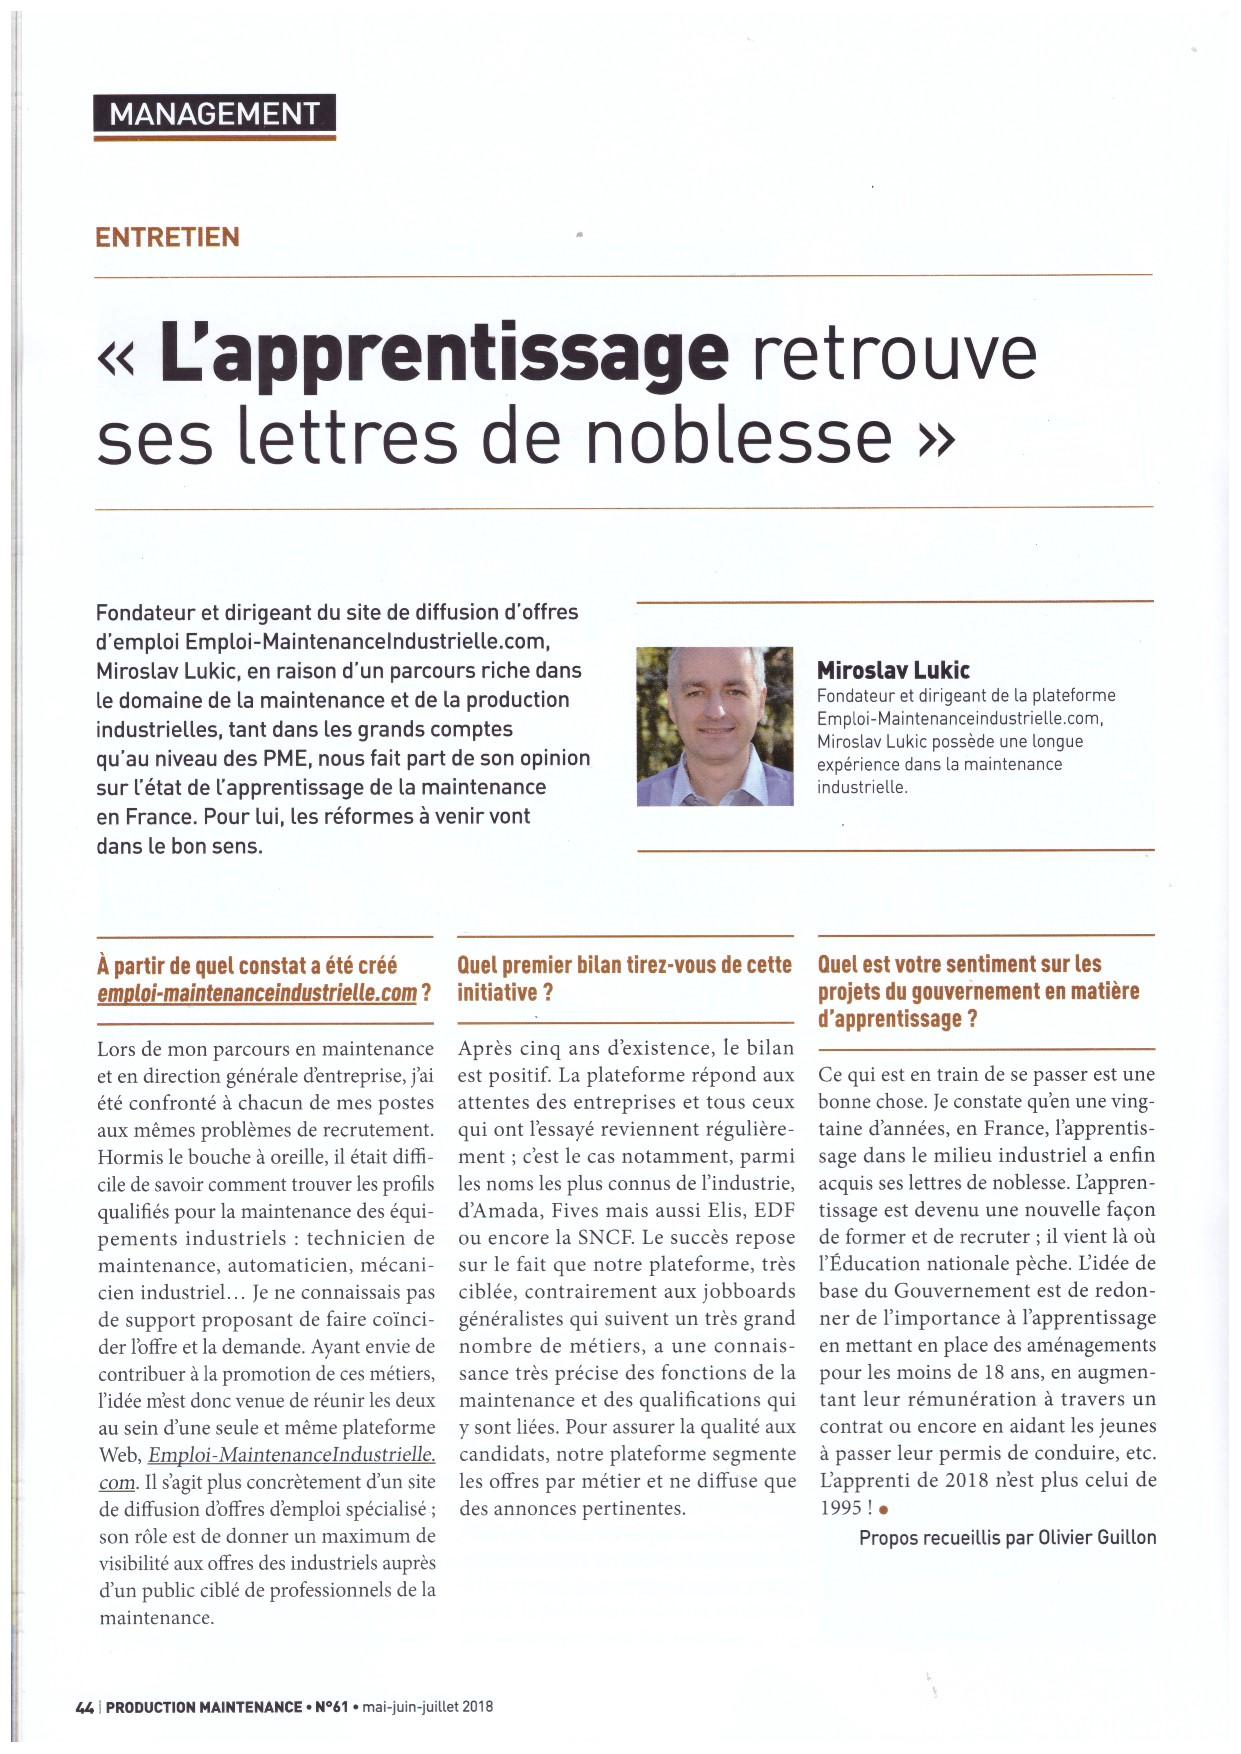 interview Miroslav Lukic l'apprentissage retrouve ses lettres de noblesse